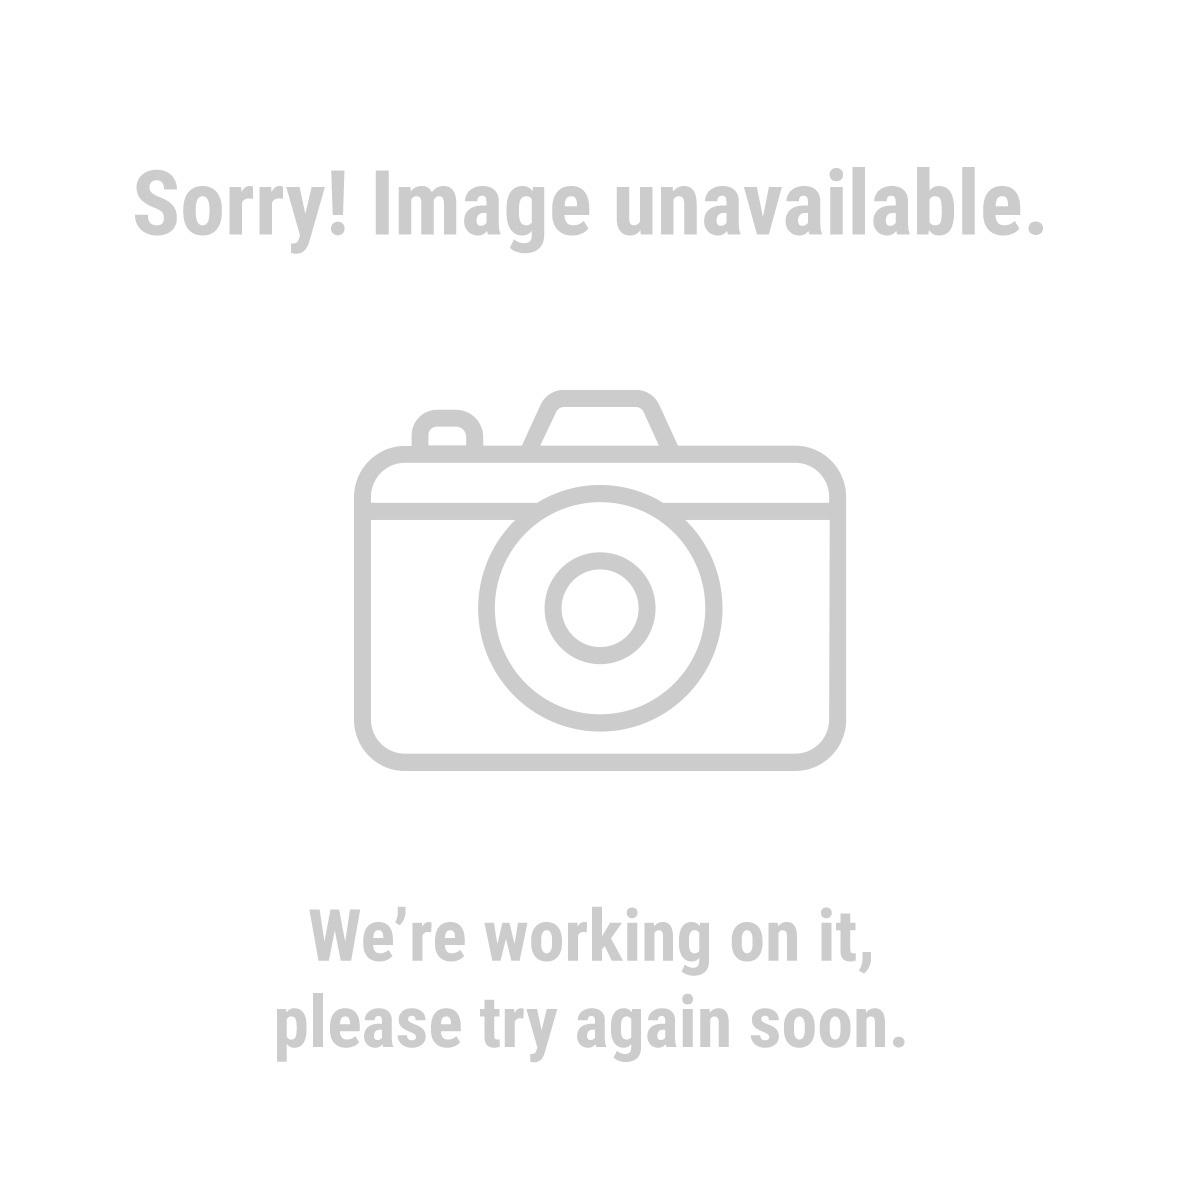 Central Pneumatic® 69724 110 Lb. Pressurized Abrasive Blaster